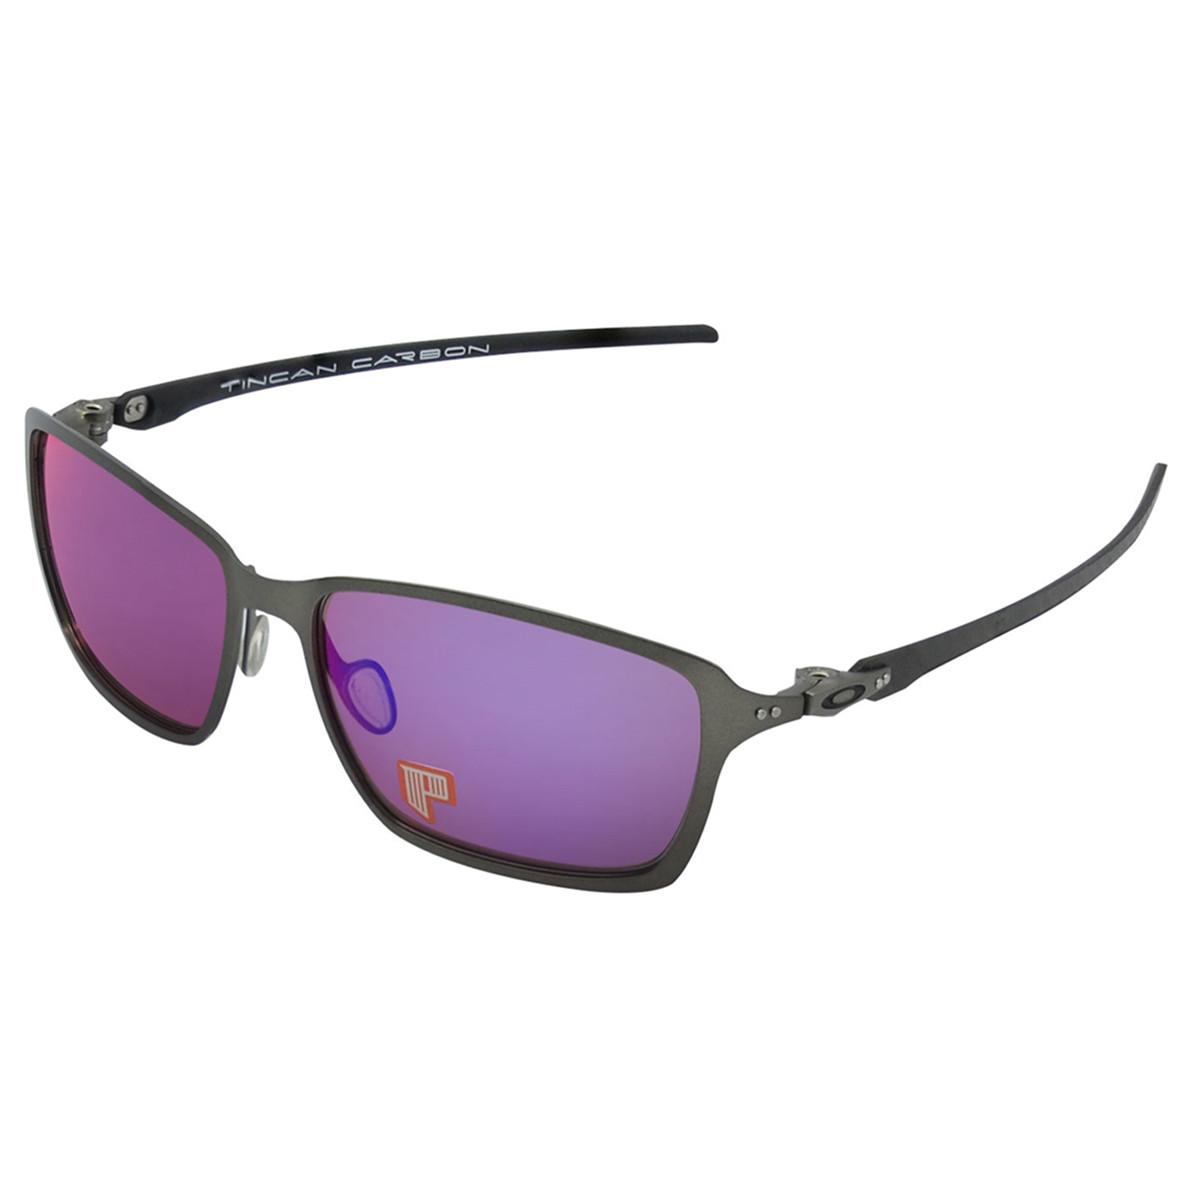 Óculos Oakley Tincan Carbon Lente Red Iridium Polarizado ref OO6017-03 25e53132d7